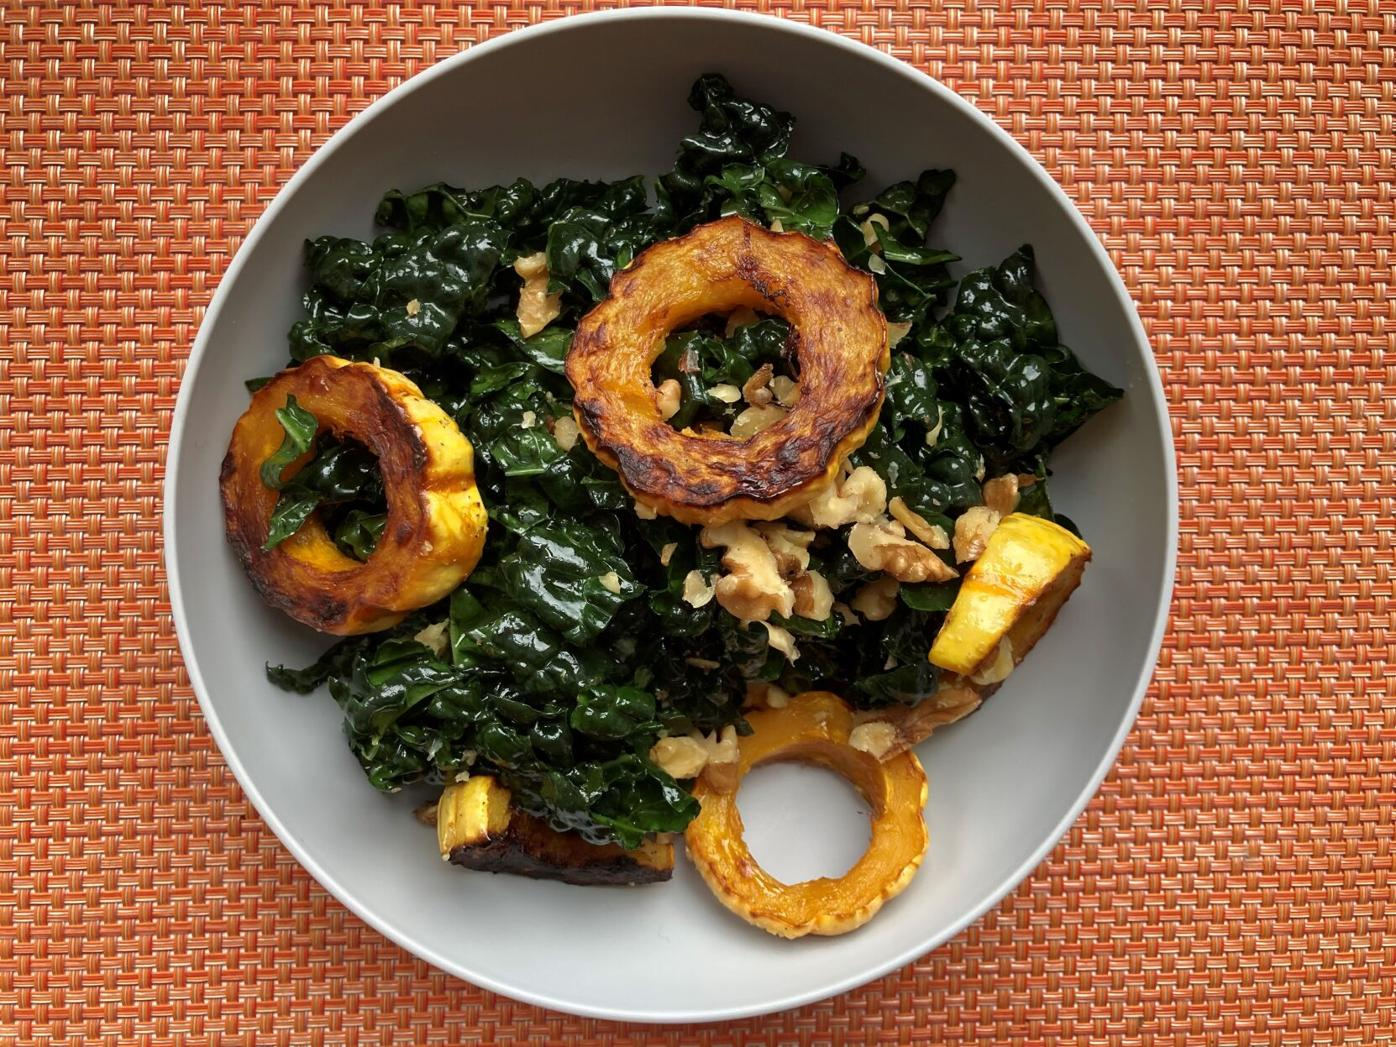 Delicata squash and kale